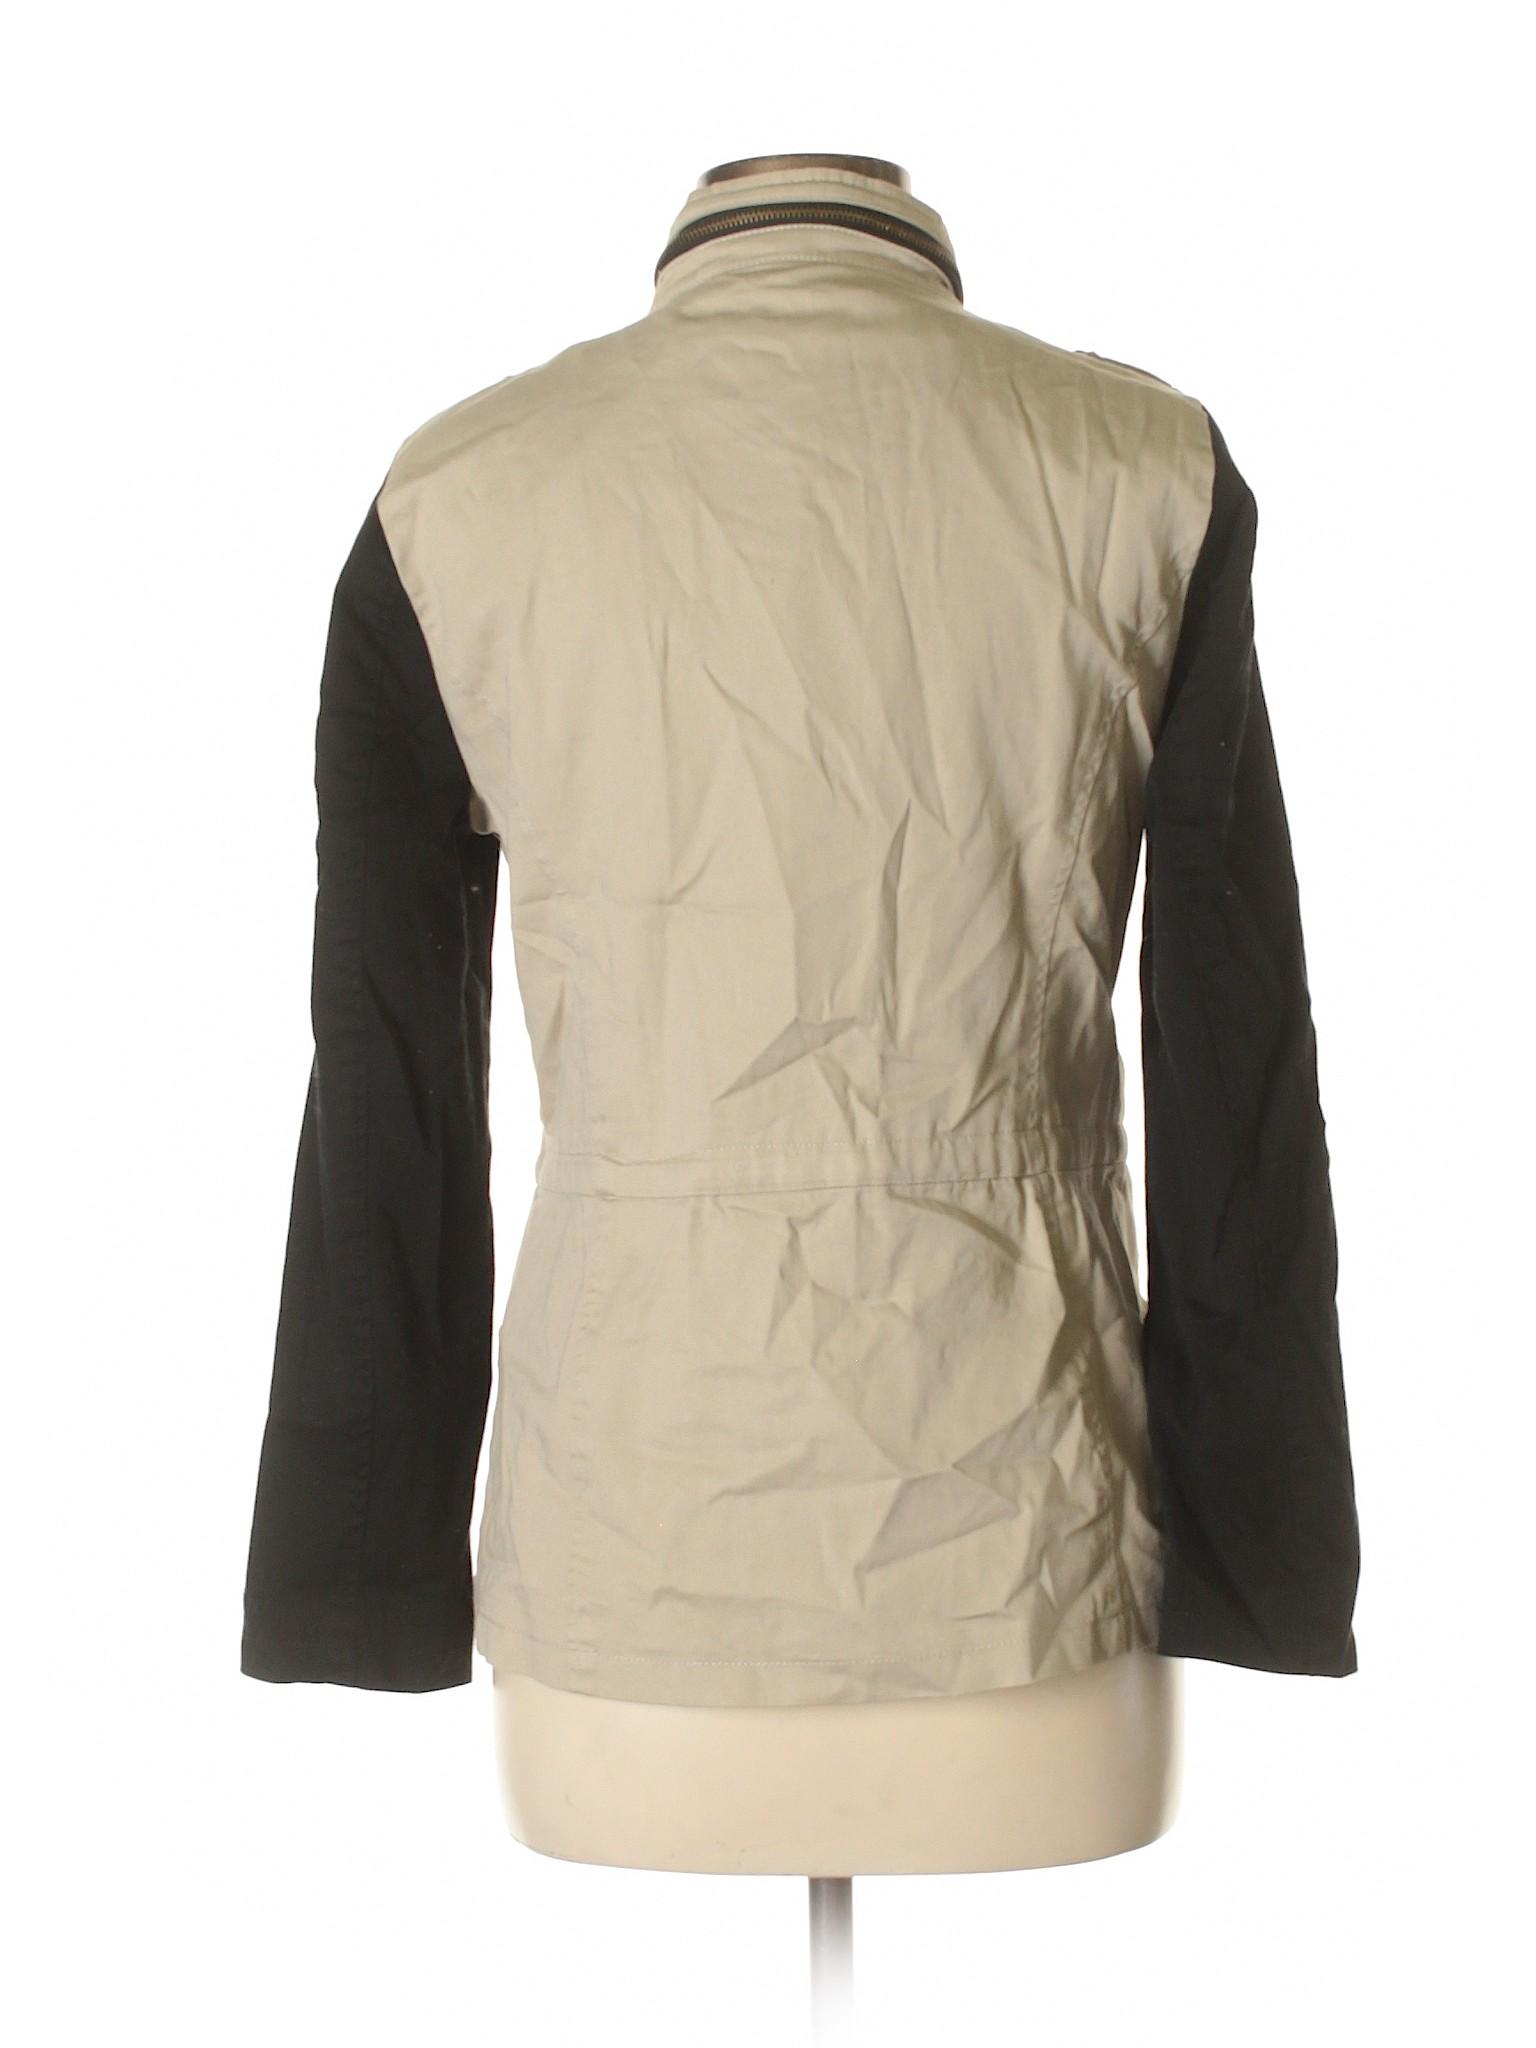 Daniel leisure Rainn Boutique Jacket Boutique leisure tqpPE4